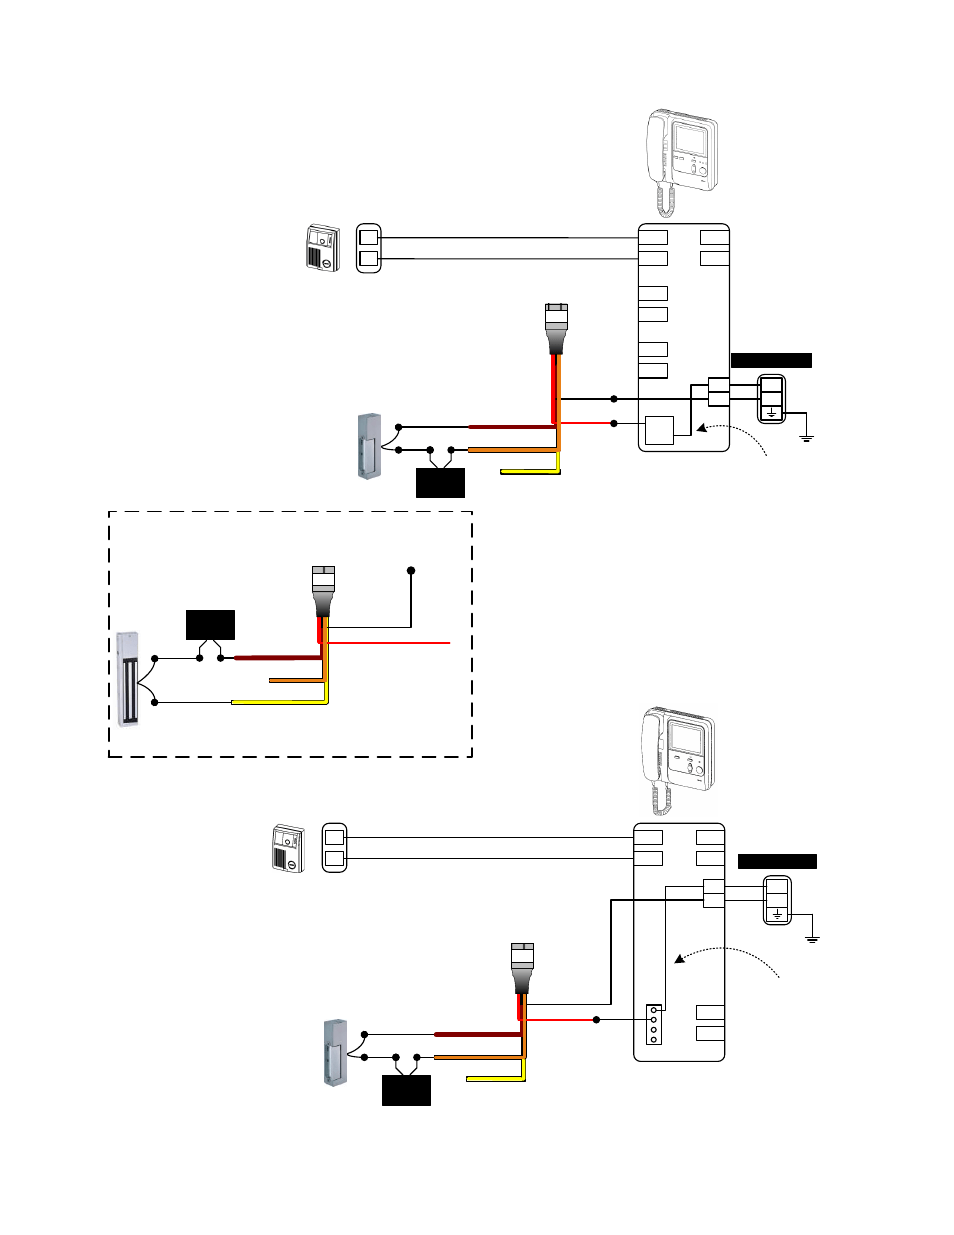 v2000 c door access manual